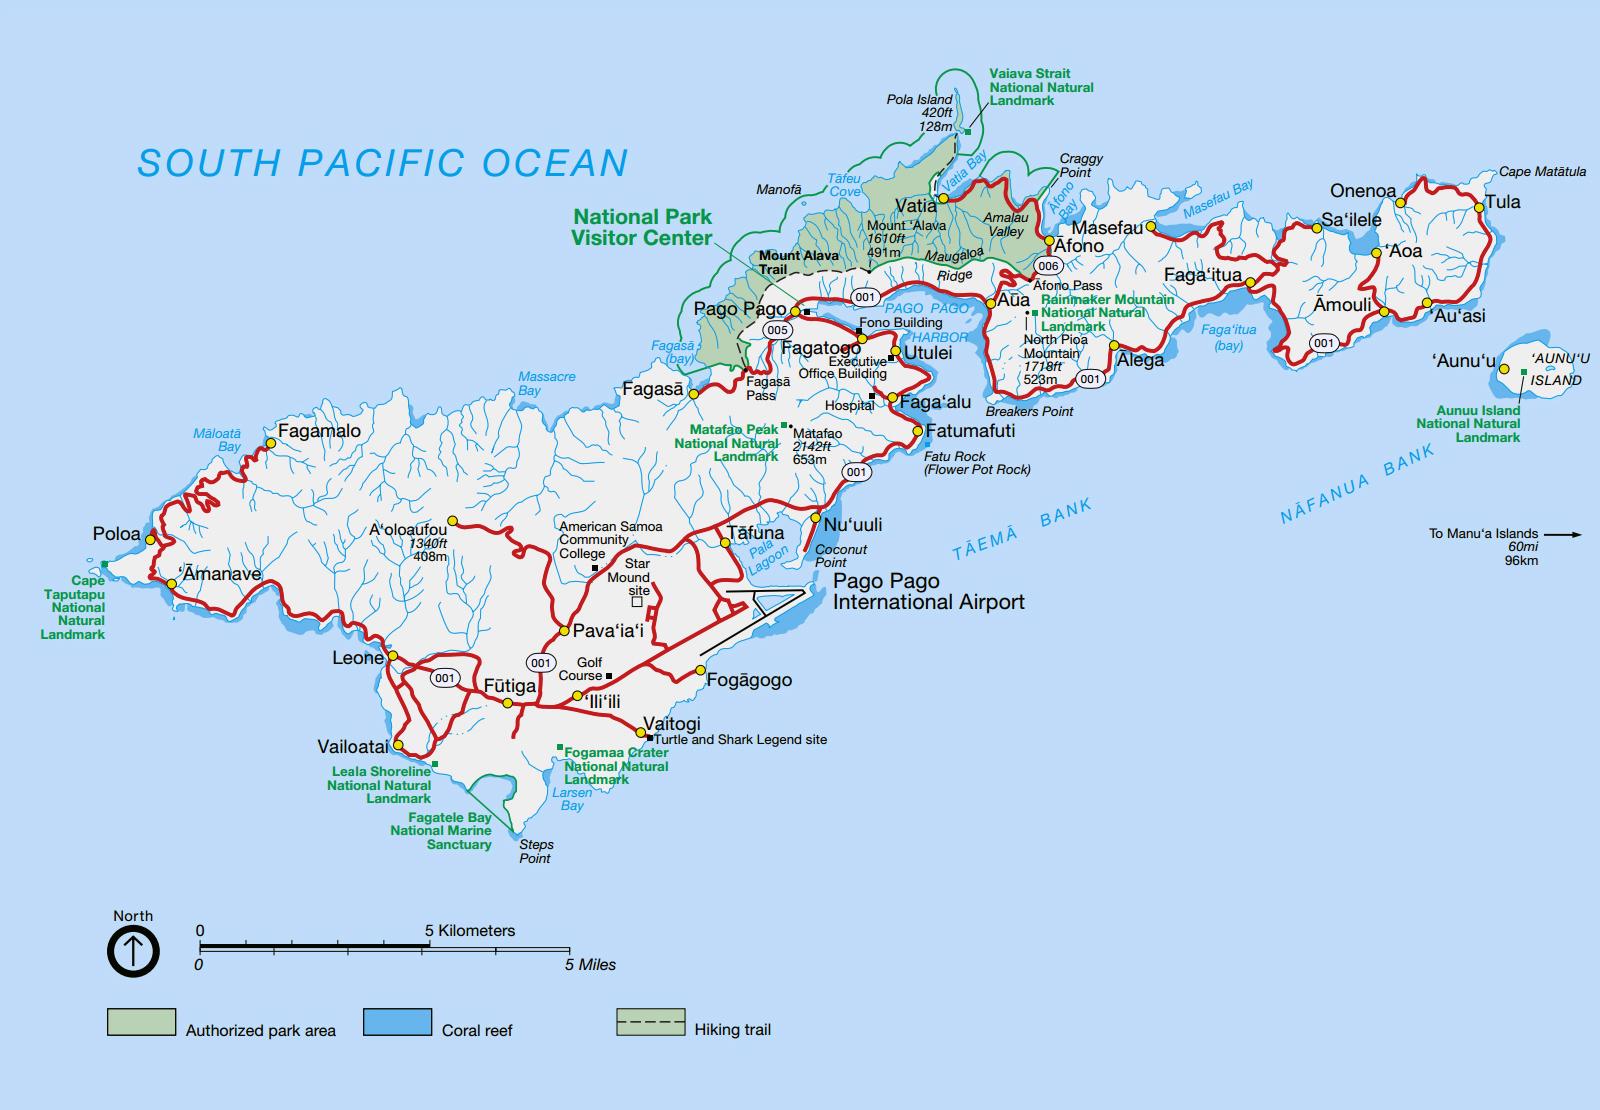 Map Of Samoa Surrounding Areas on guam area map, ghana area map, kurdistan area map, canada area map, korea area map, new zealand area map, egypt area map, st lucia area map, palestine area map, india area map, tahiti area map, haiti area map, uzbekistan area map, spain area map, singapore area map, vietnam area map, jordan area map, albion area map, tunisia area map, bahama area map,